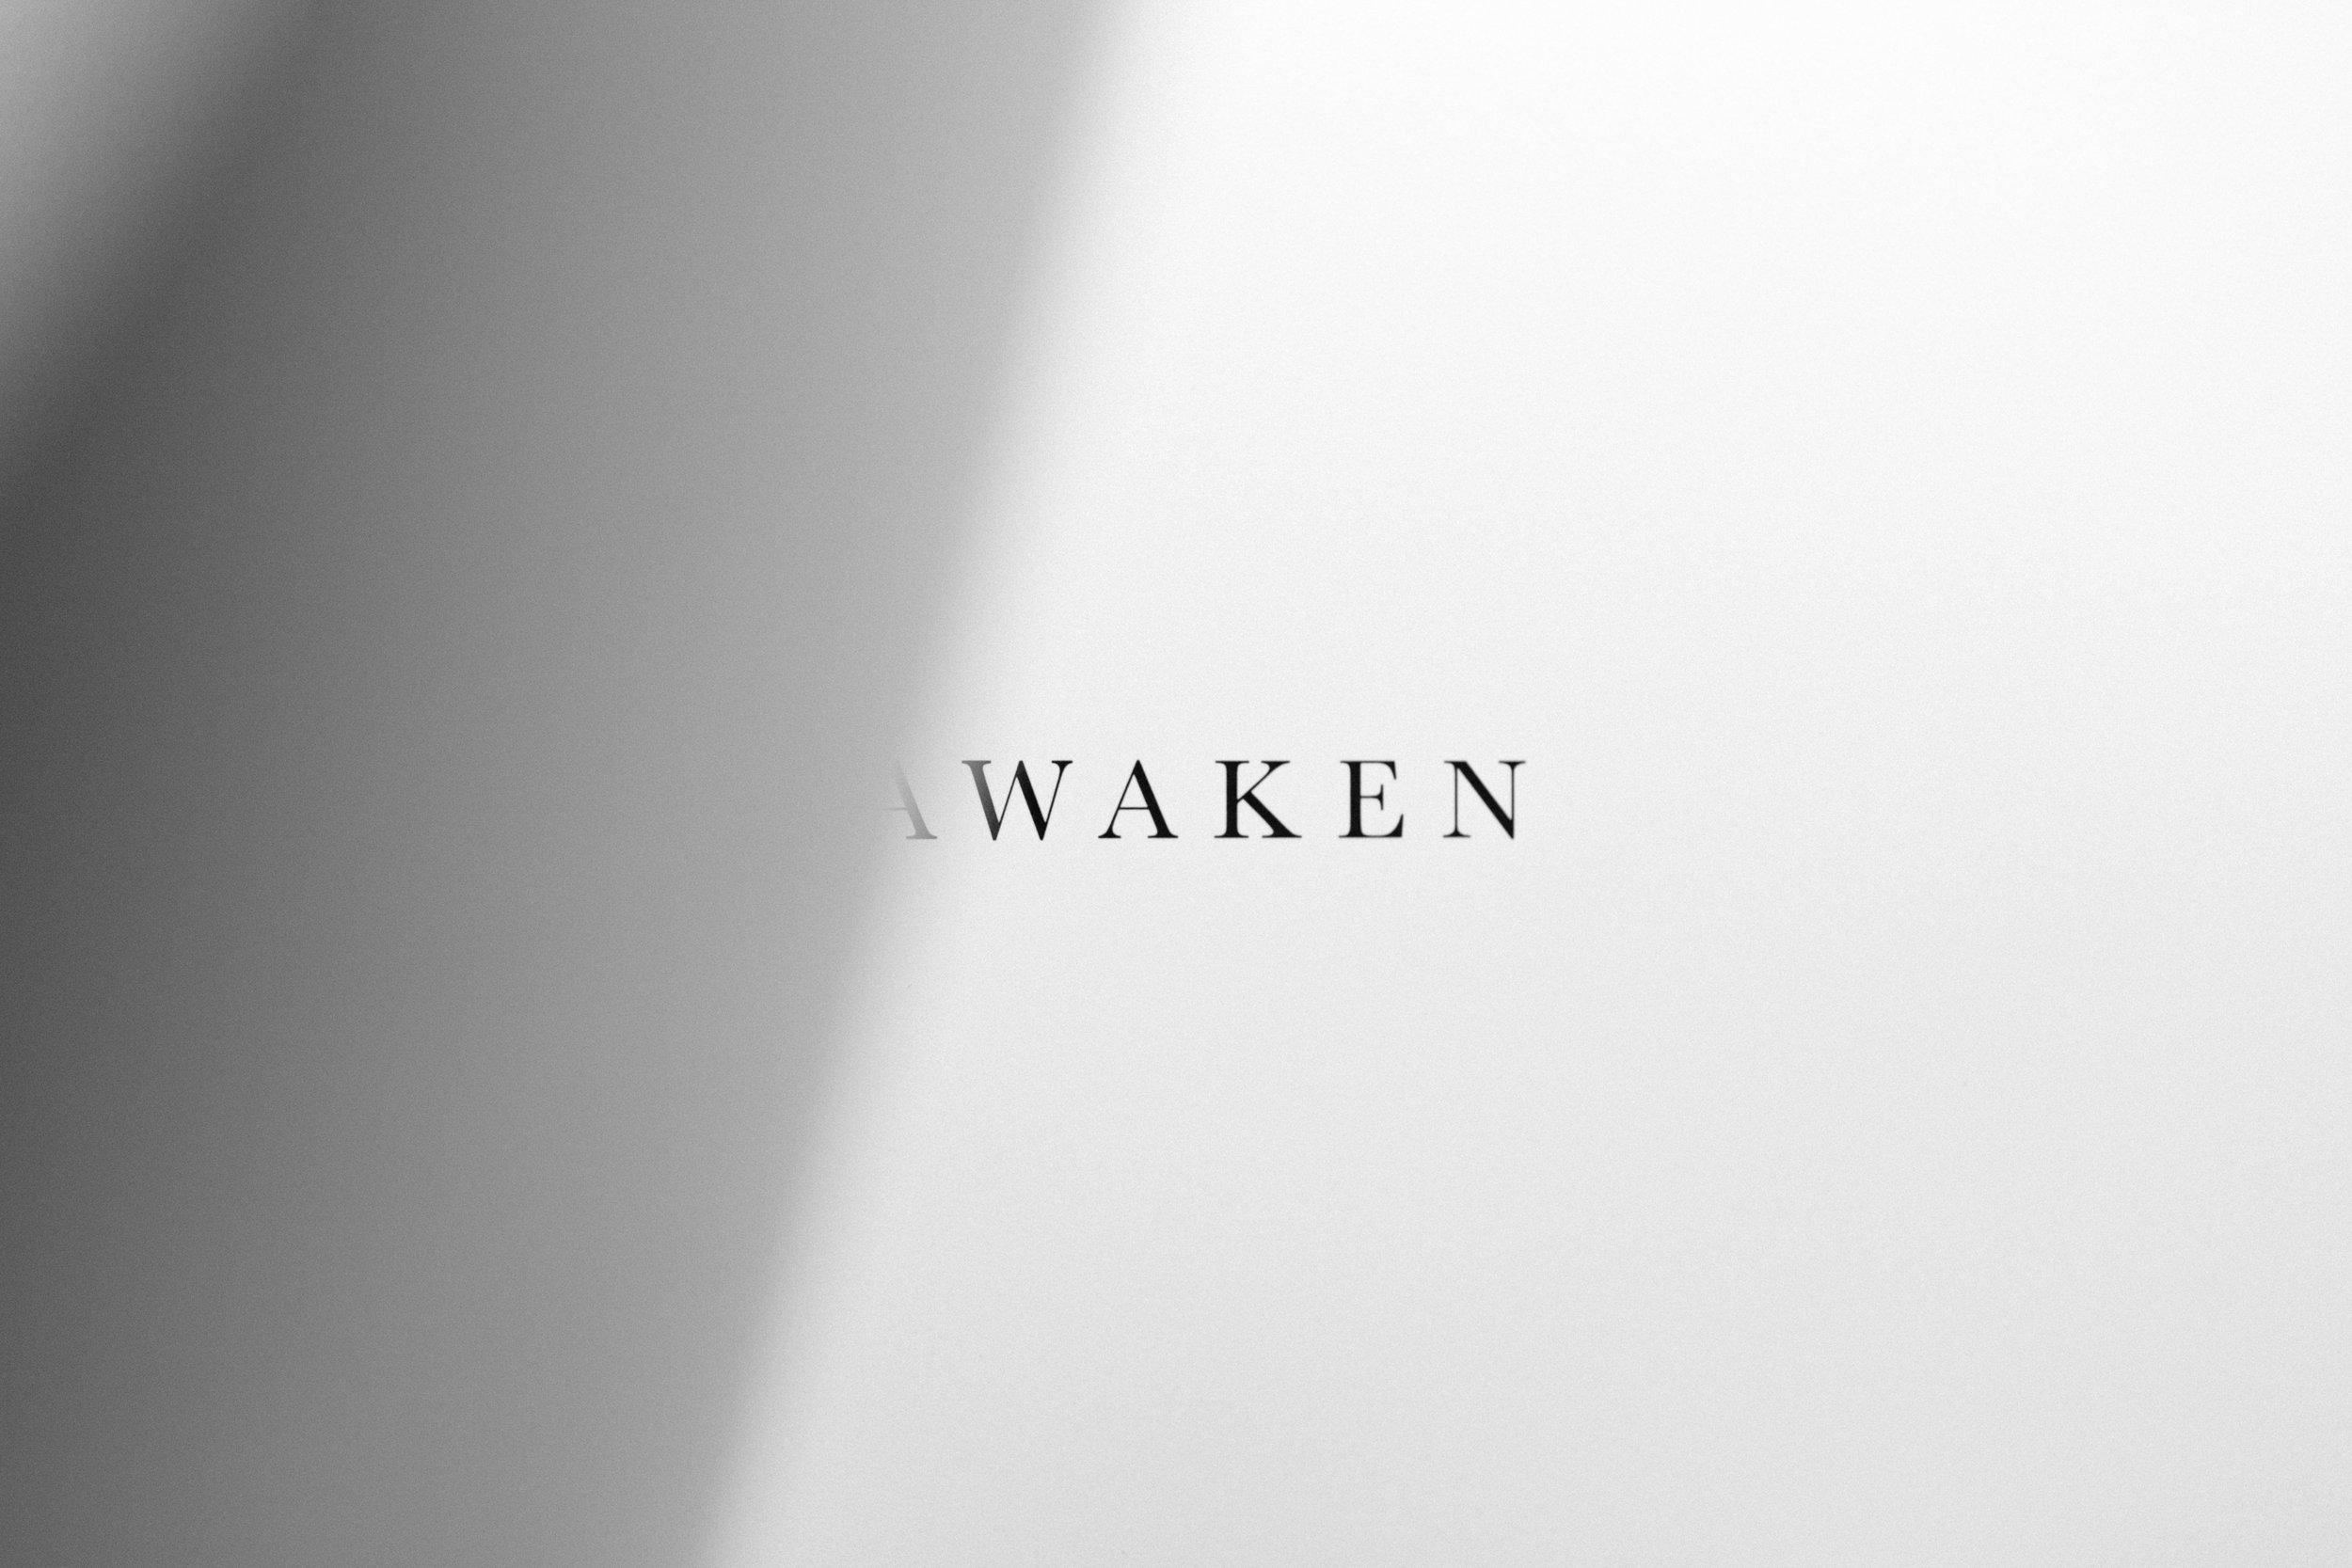 AWAKEN by Sarah Rose_Photo Book.jpg